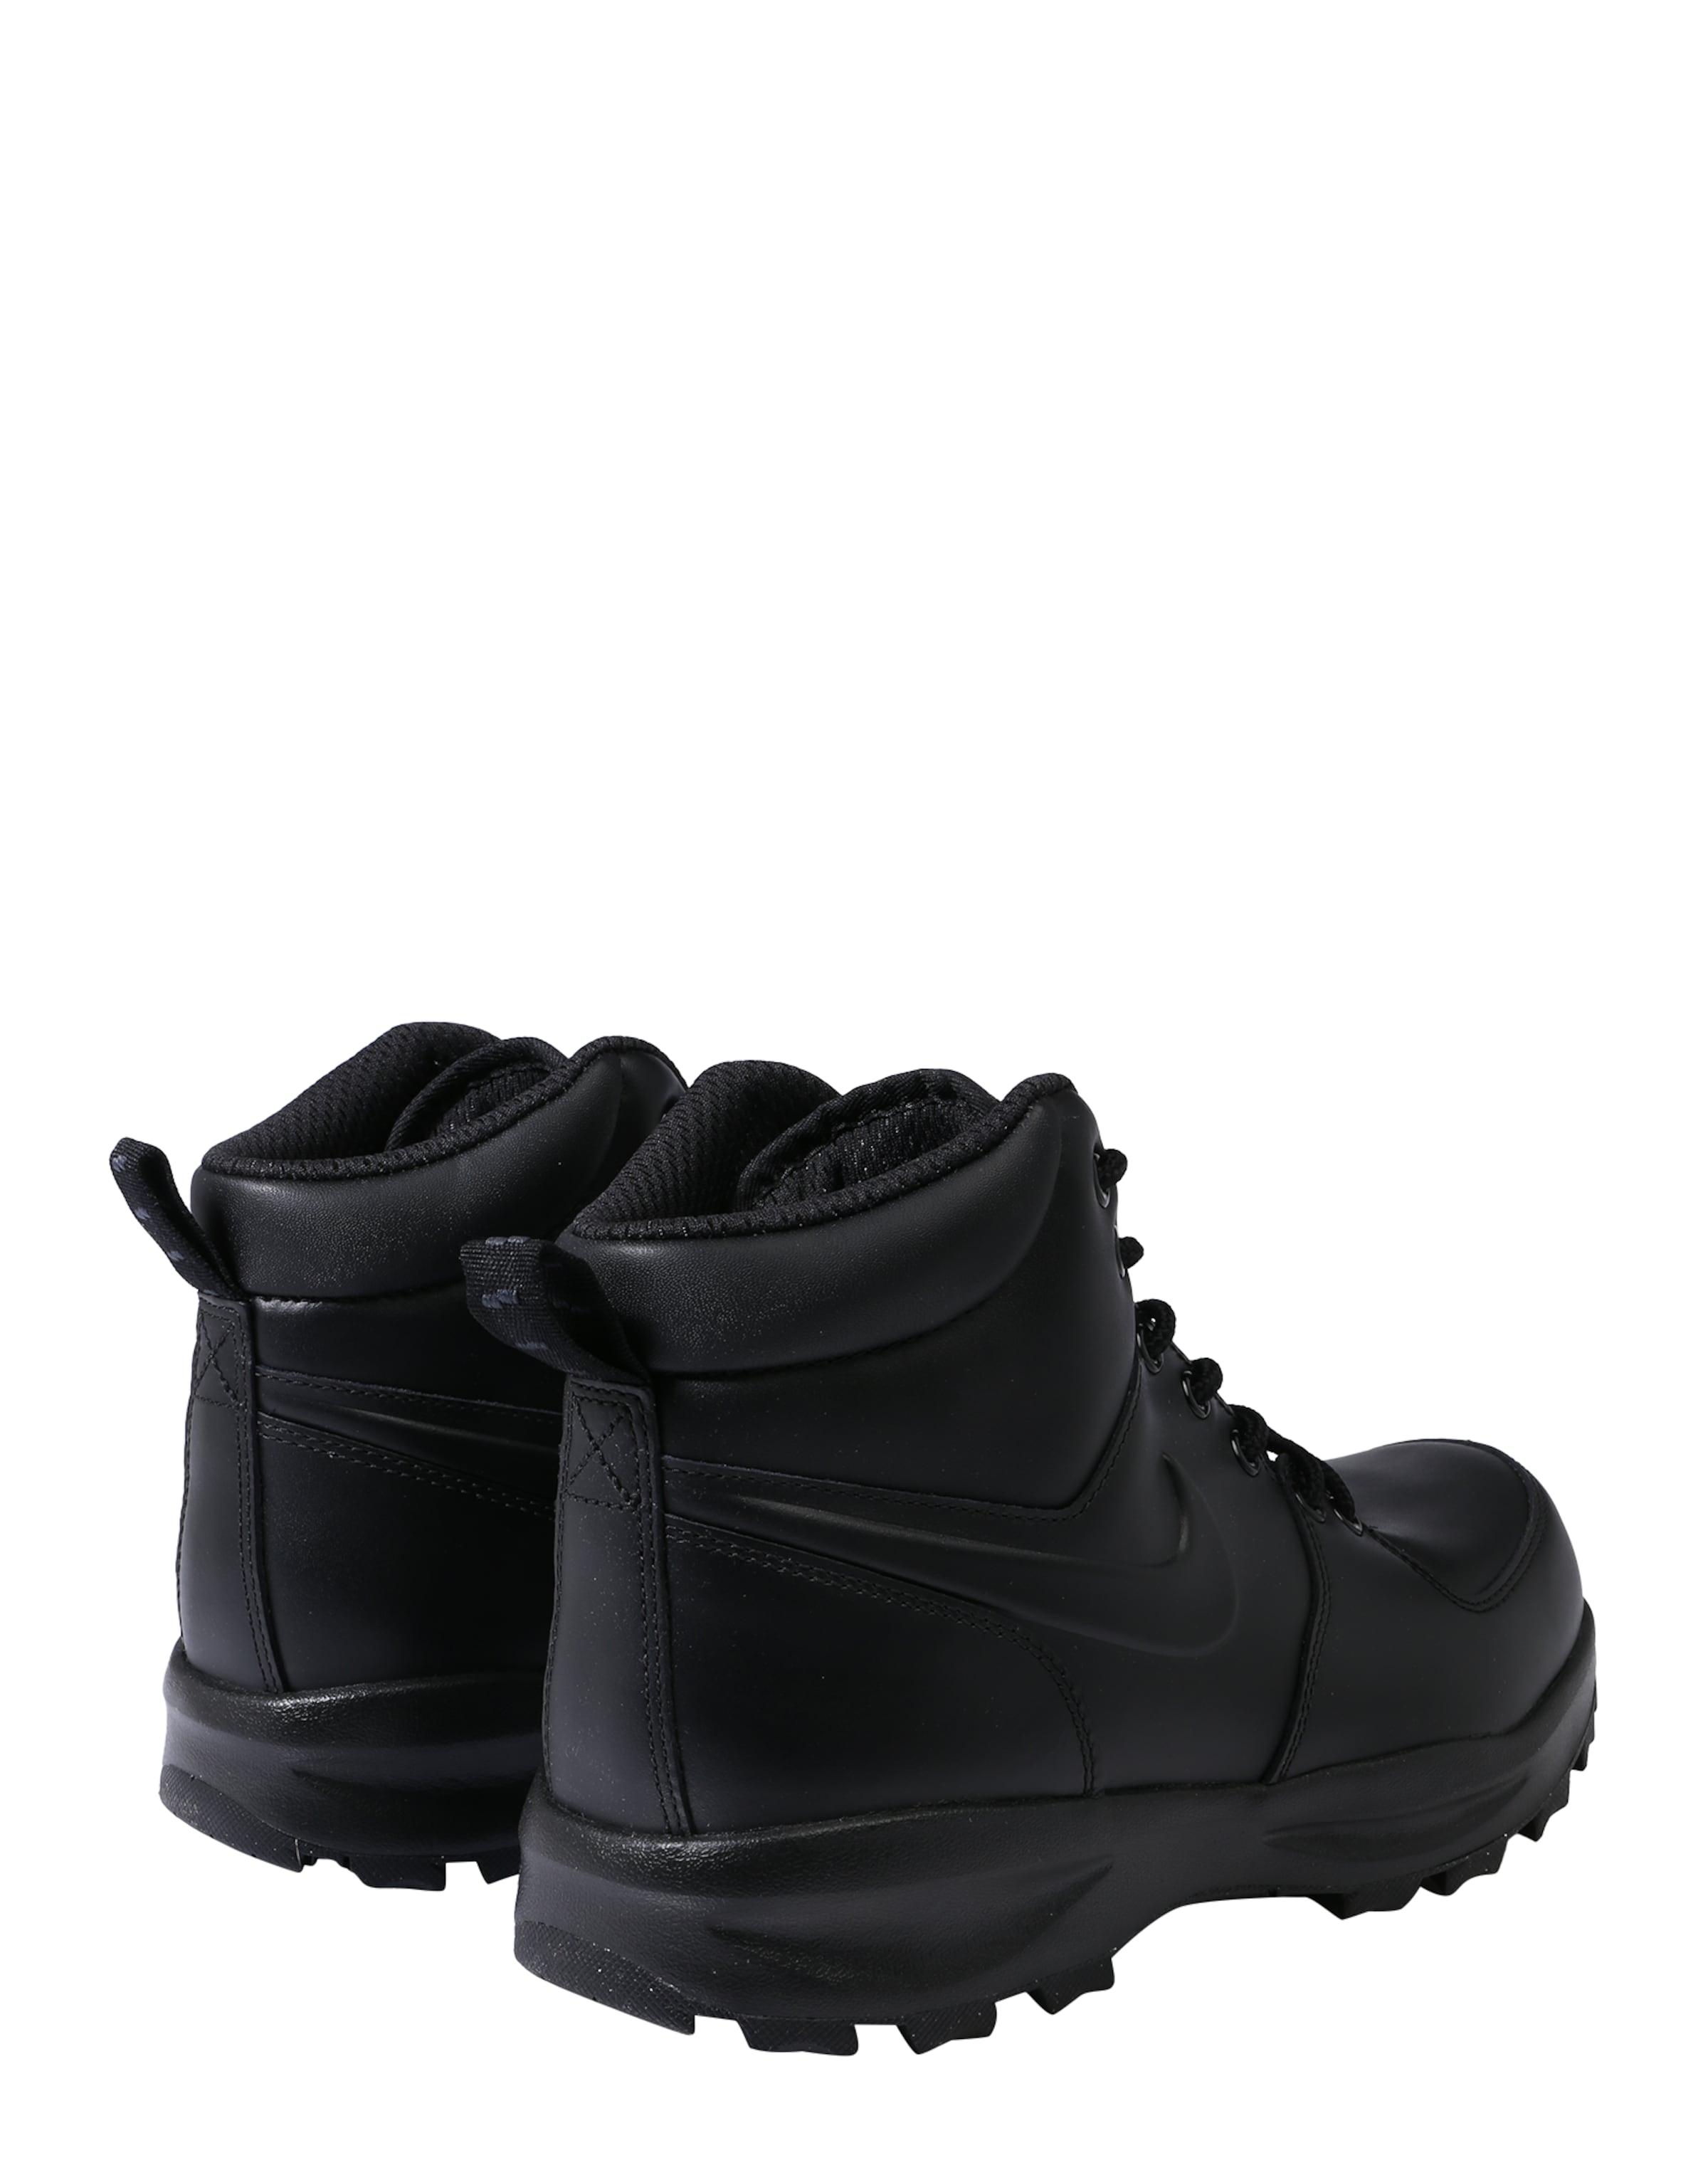 High In 'manoa' Sneaker Nike Schwarz Sportswear qUzMVGSp